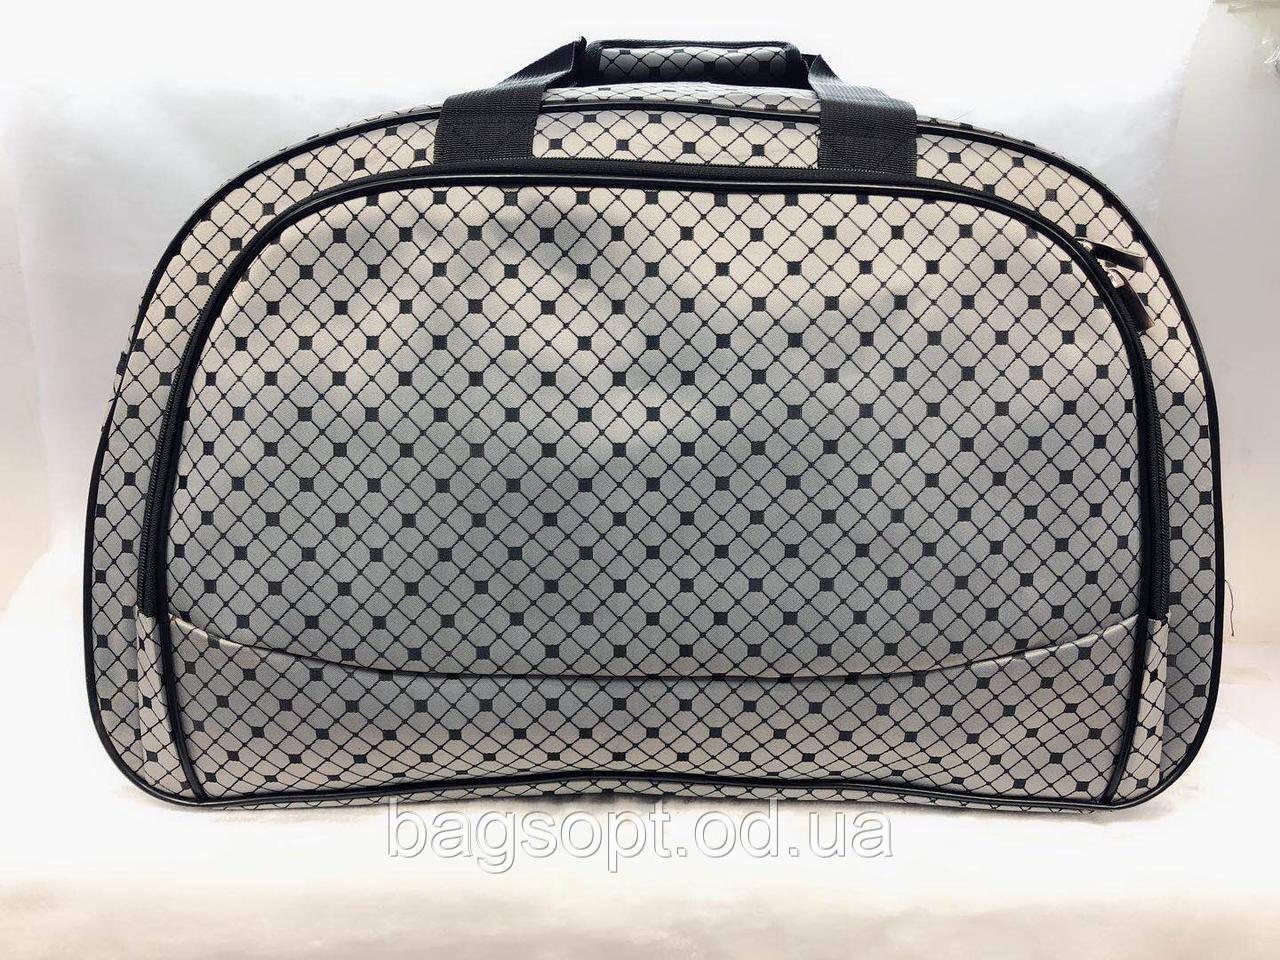 Женская вместительная сумка-саквояж дорожная серая